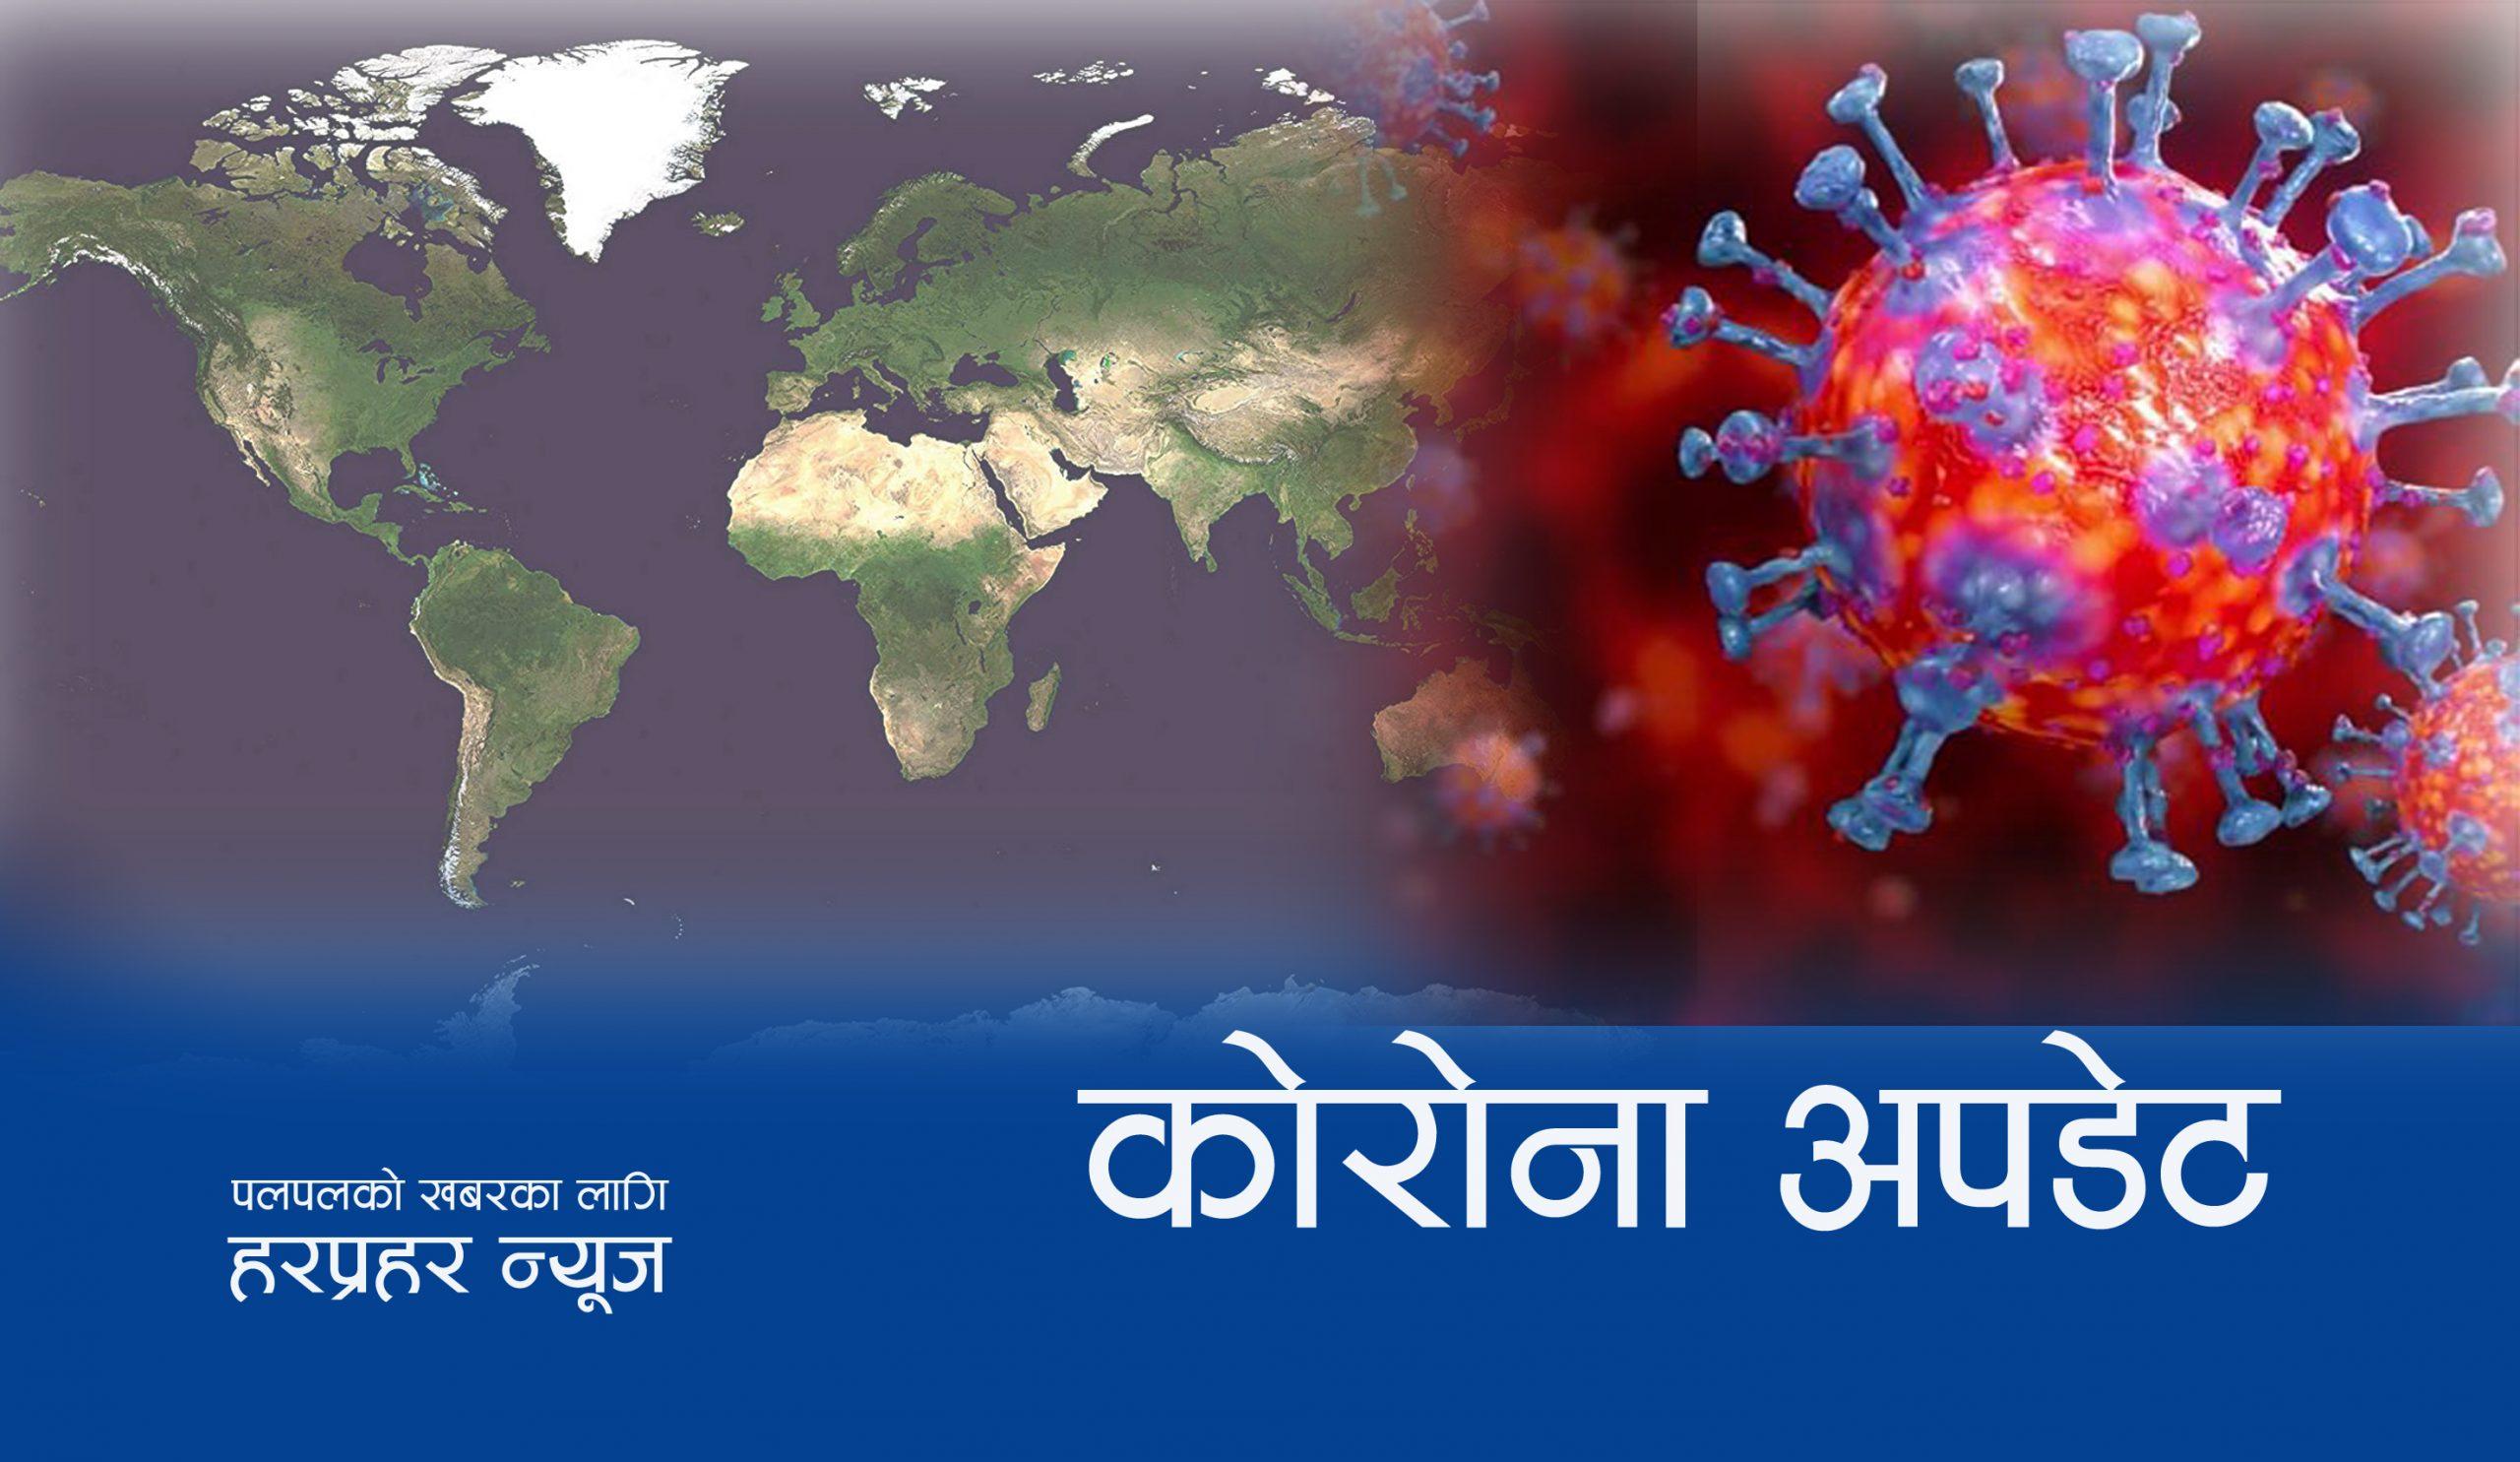 नेपालमा कोरोना संक्रमितको कुल संख्या ७४ हजार ७७५ पुग्यो